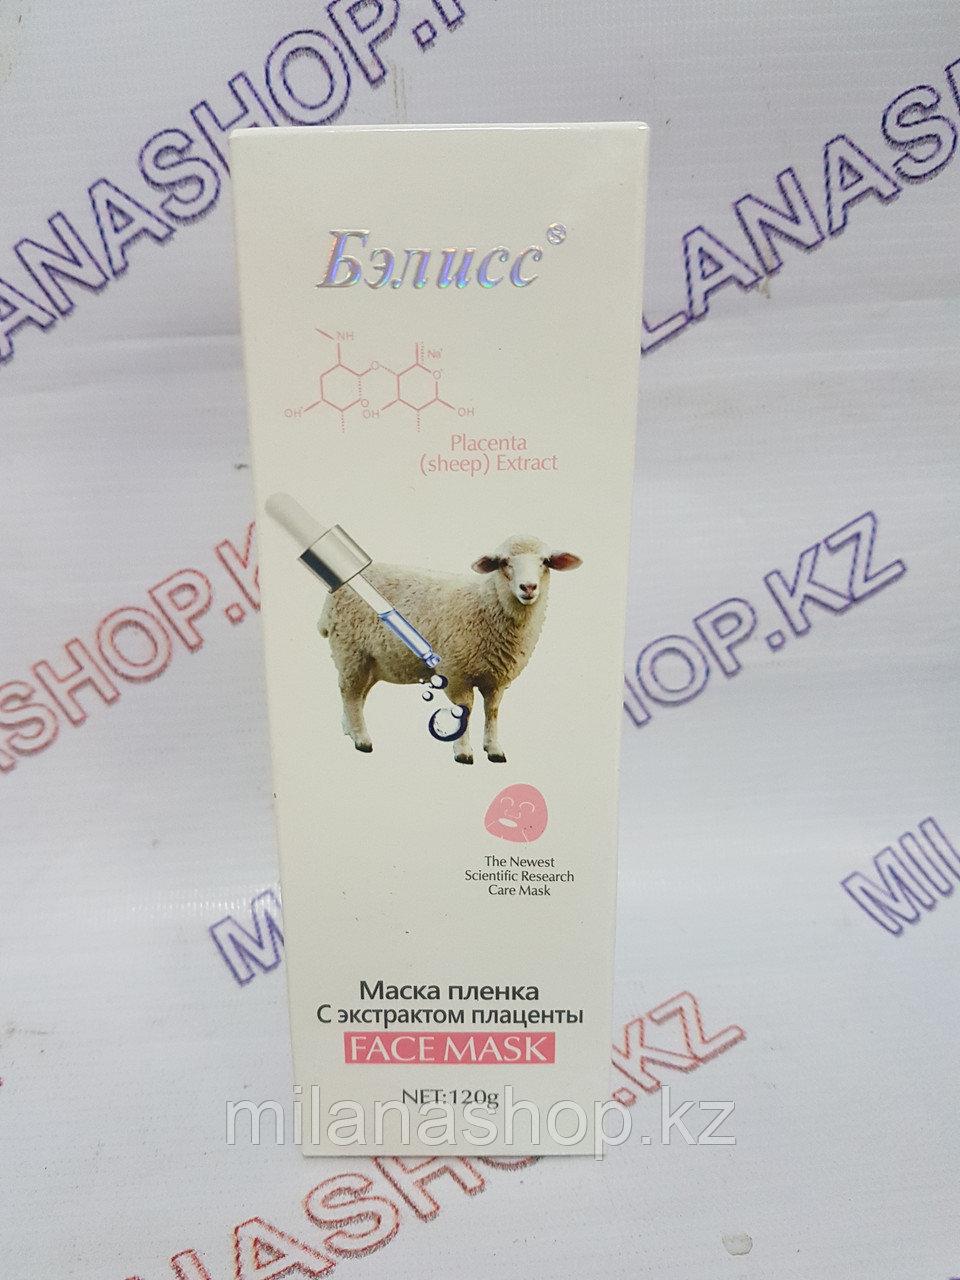 Бэлисс - Маска пленка с экстрактом плаценты